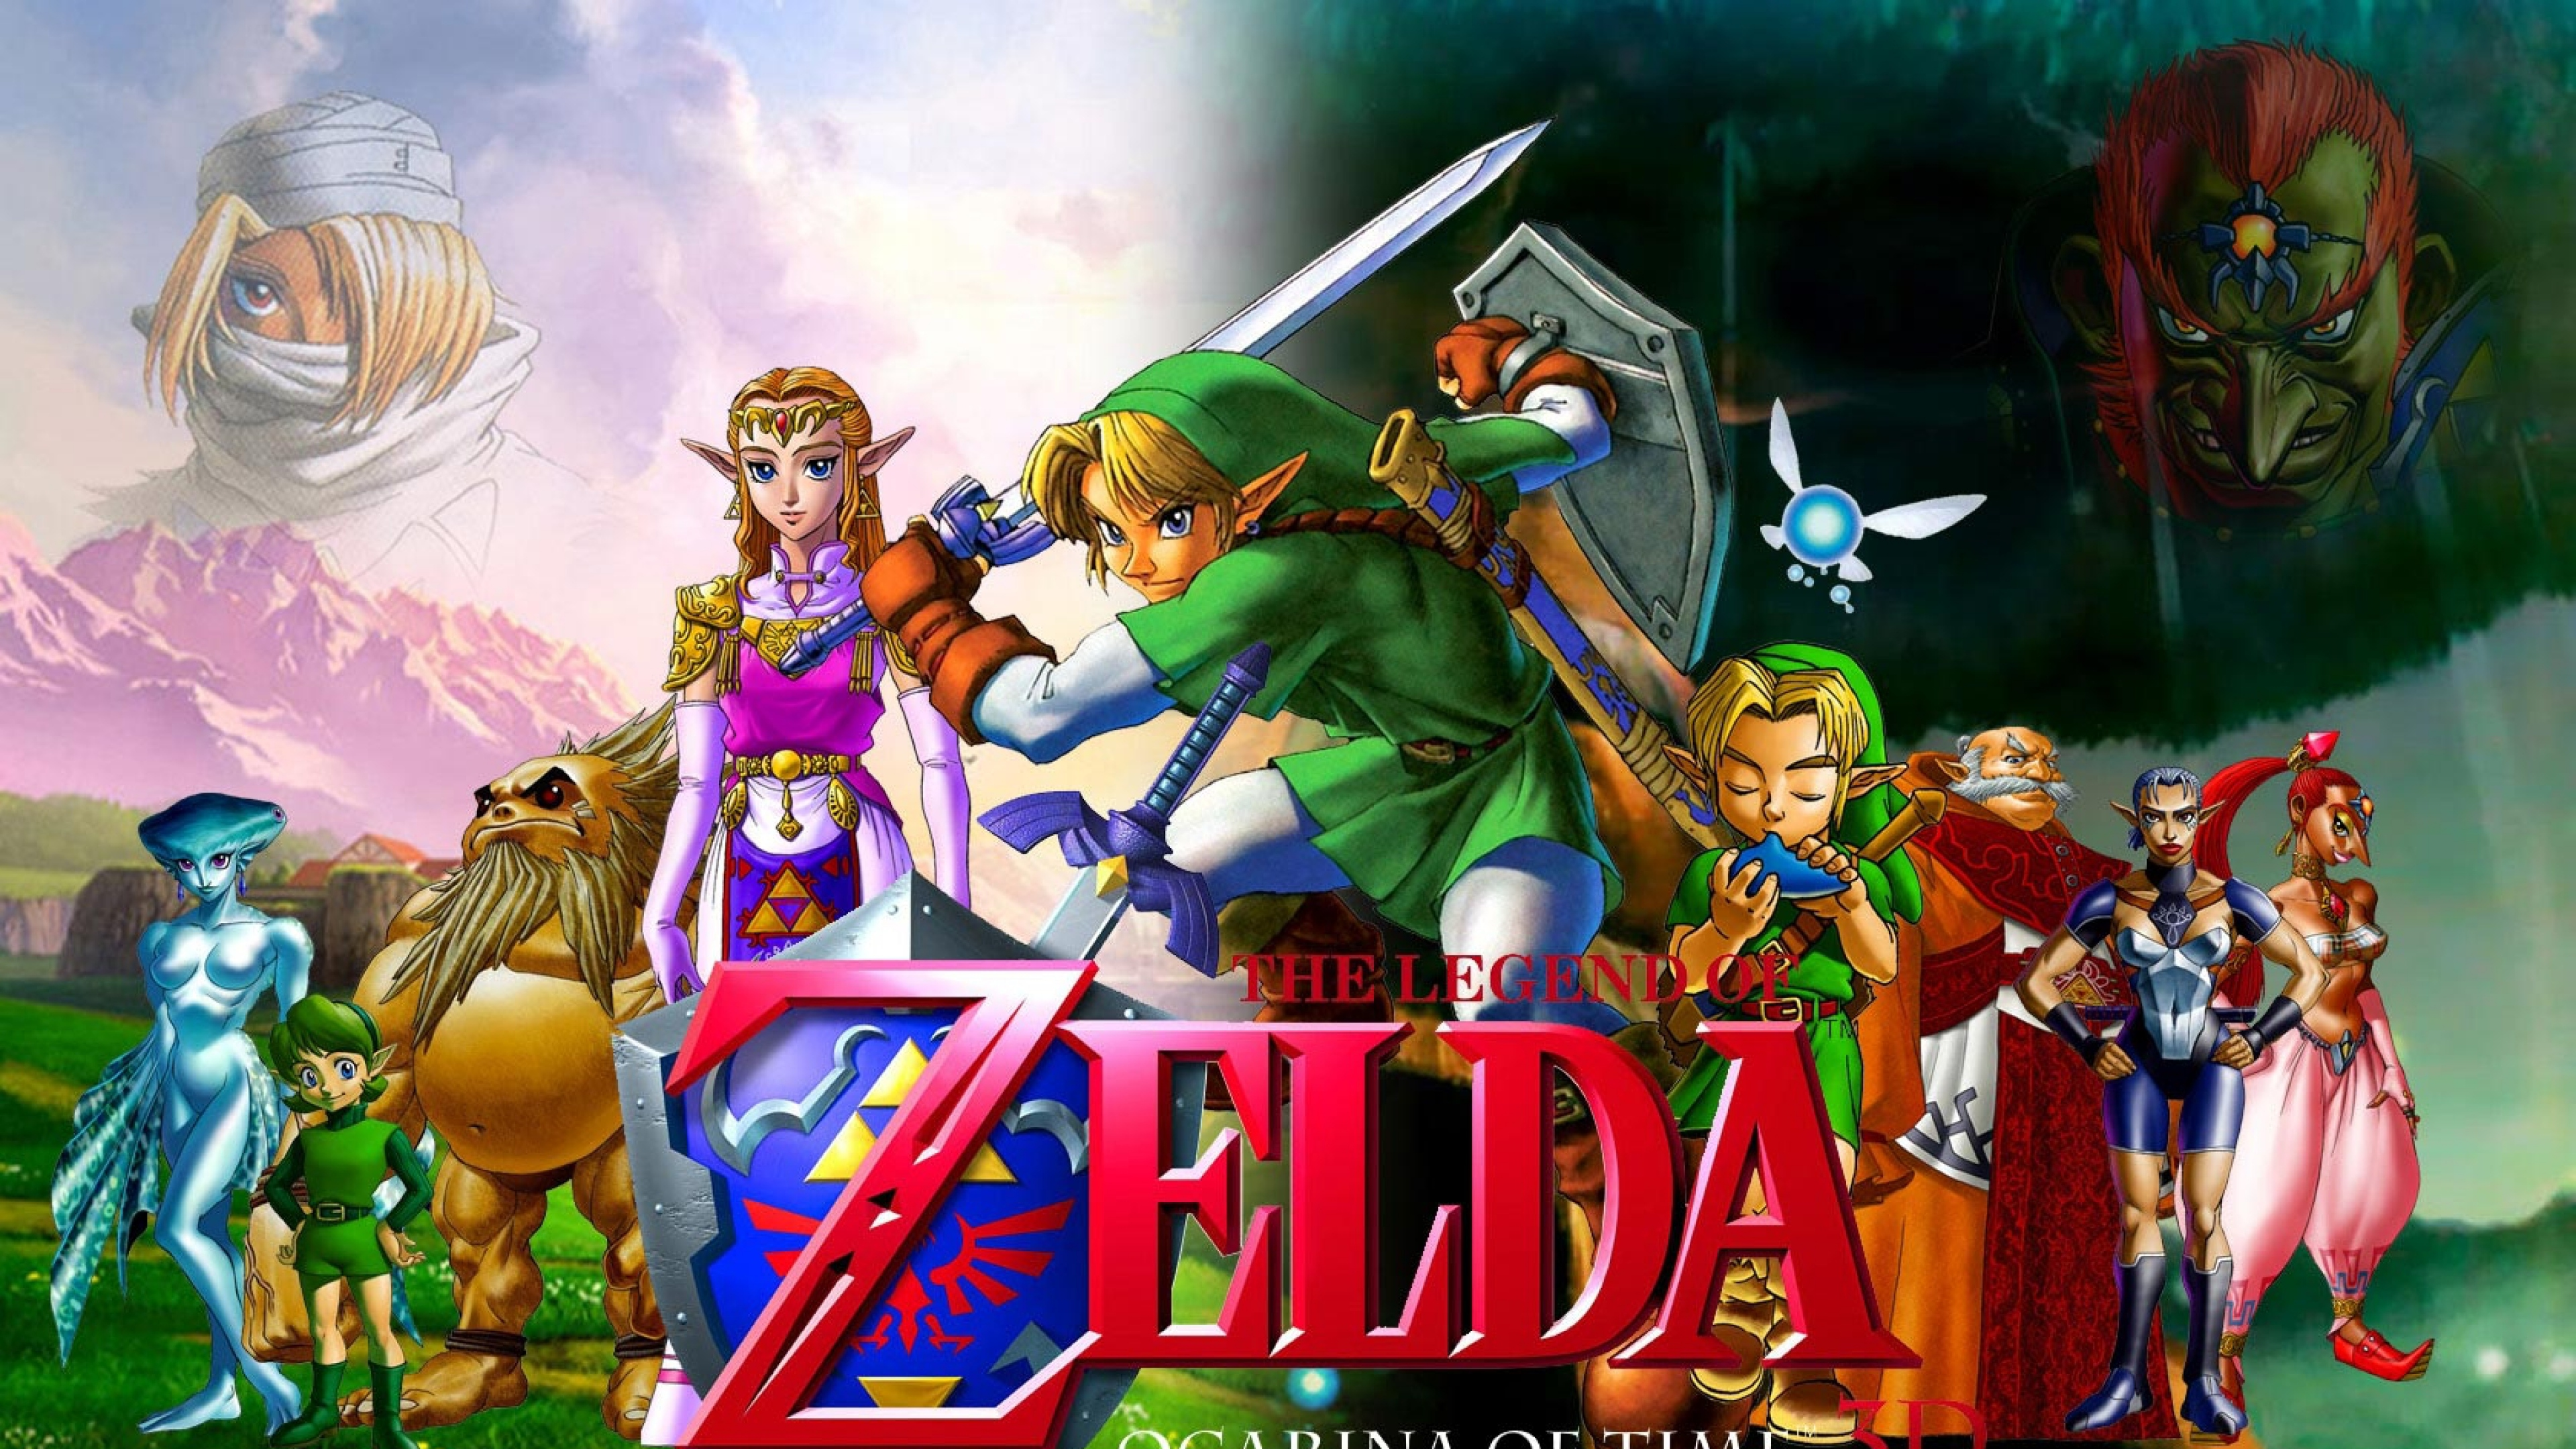 zelda Characters Faces Swords Zelda Wallpaper Background 4K Ultra 3840x2160